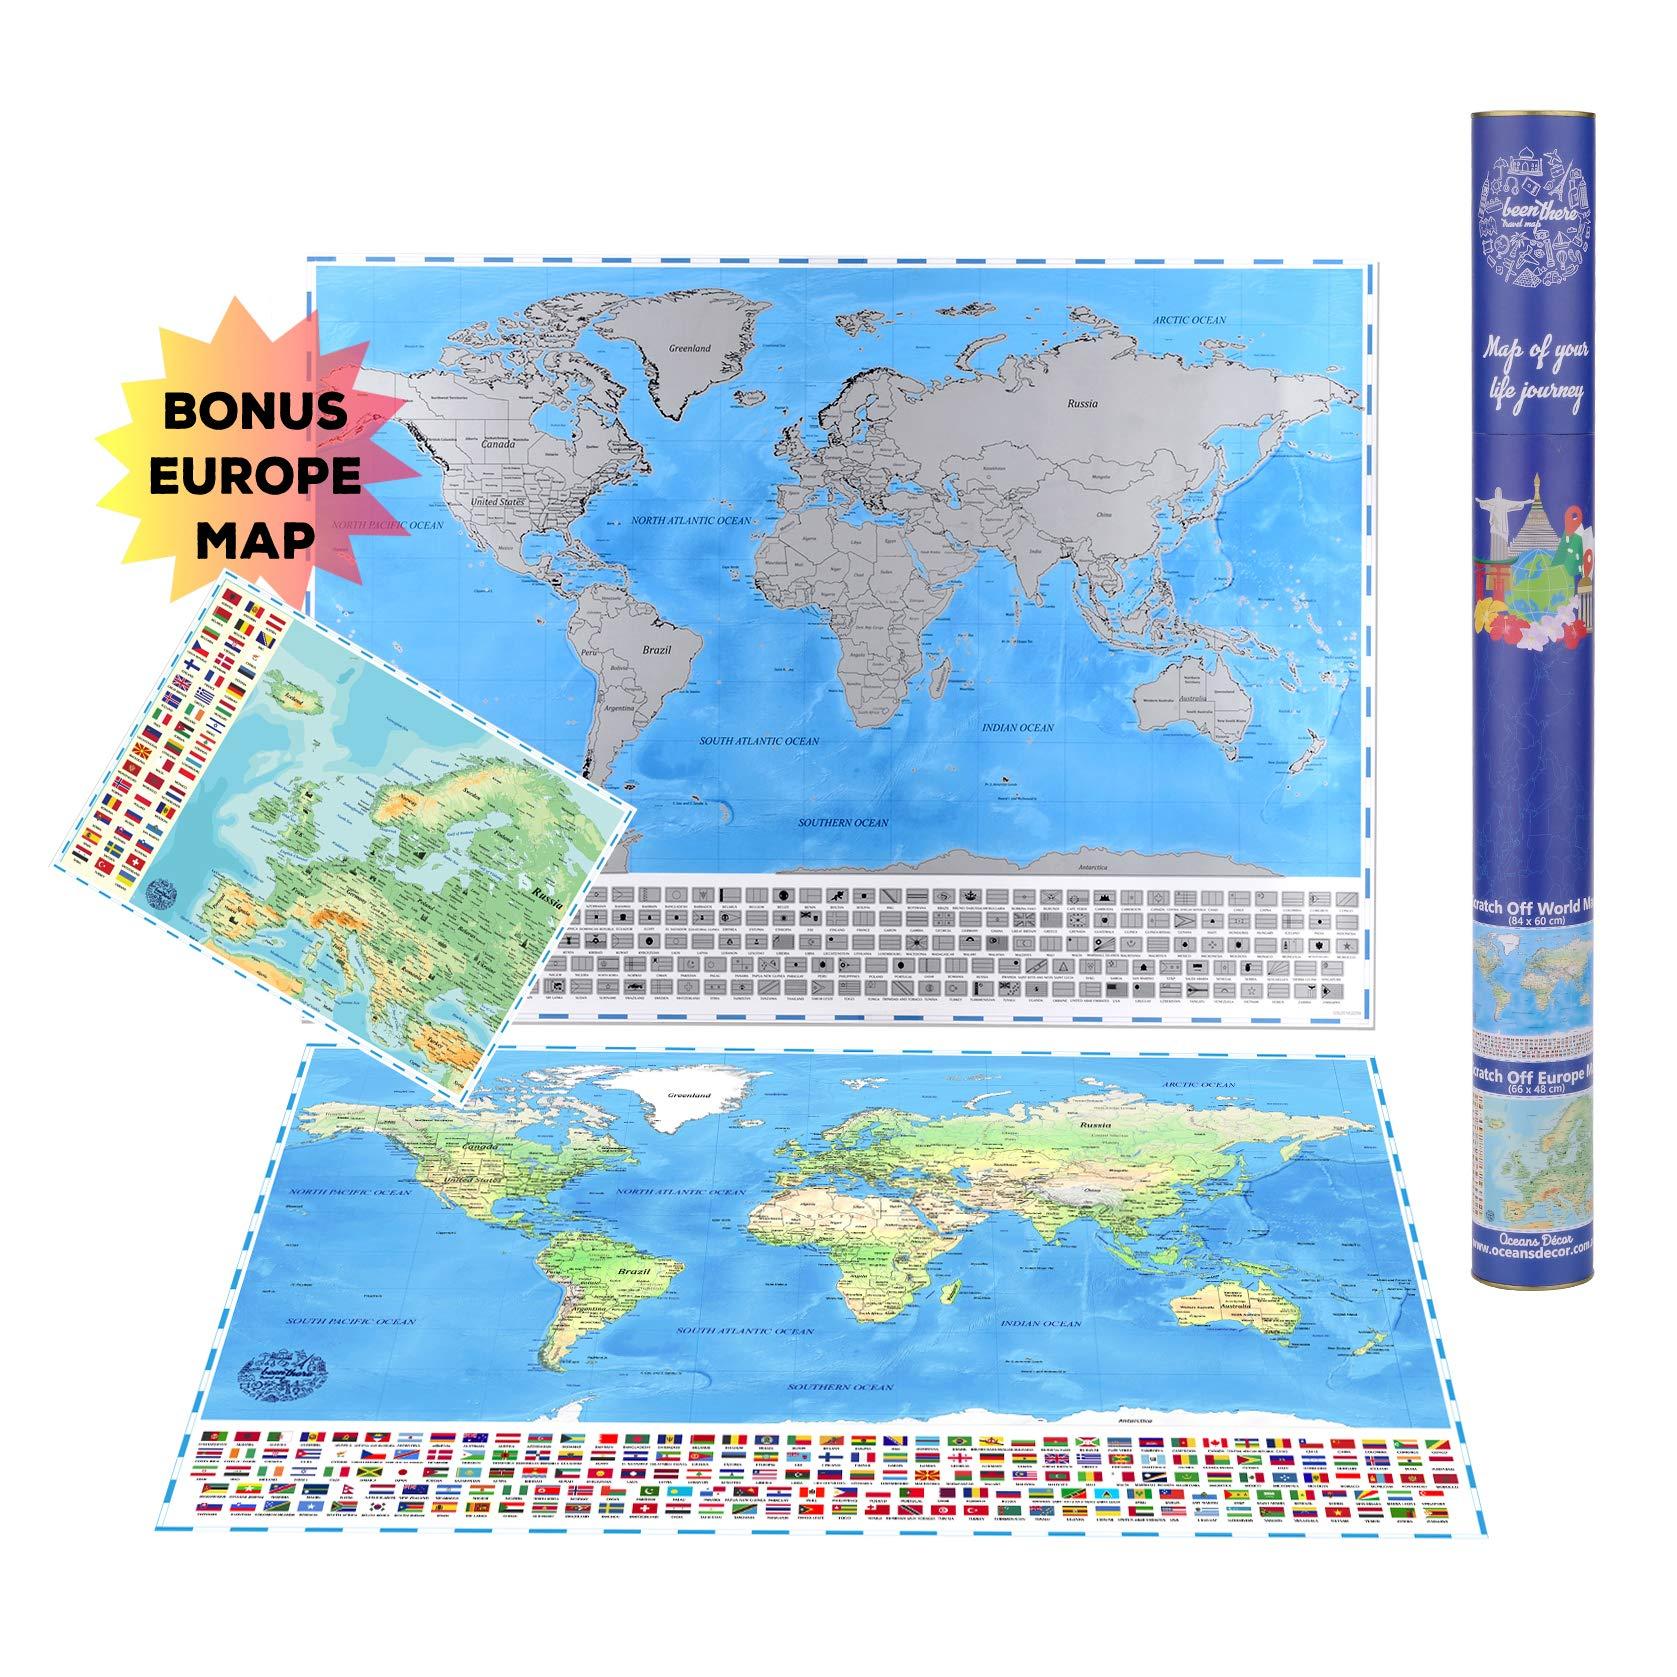 Póster grande de mapa del mundo para rascar (84 x 60 cm) con banderas de país + mapa de Europa para rascar 66 x 48 cm. Regalo perfecto para los viajeros.: Amazon.es: Oficina y papelería